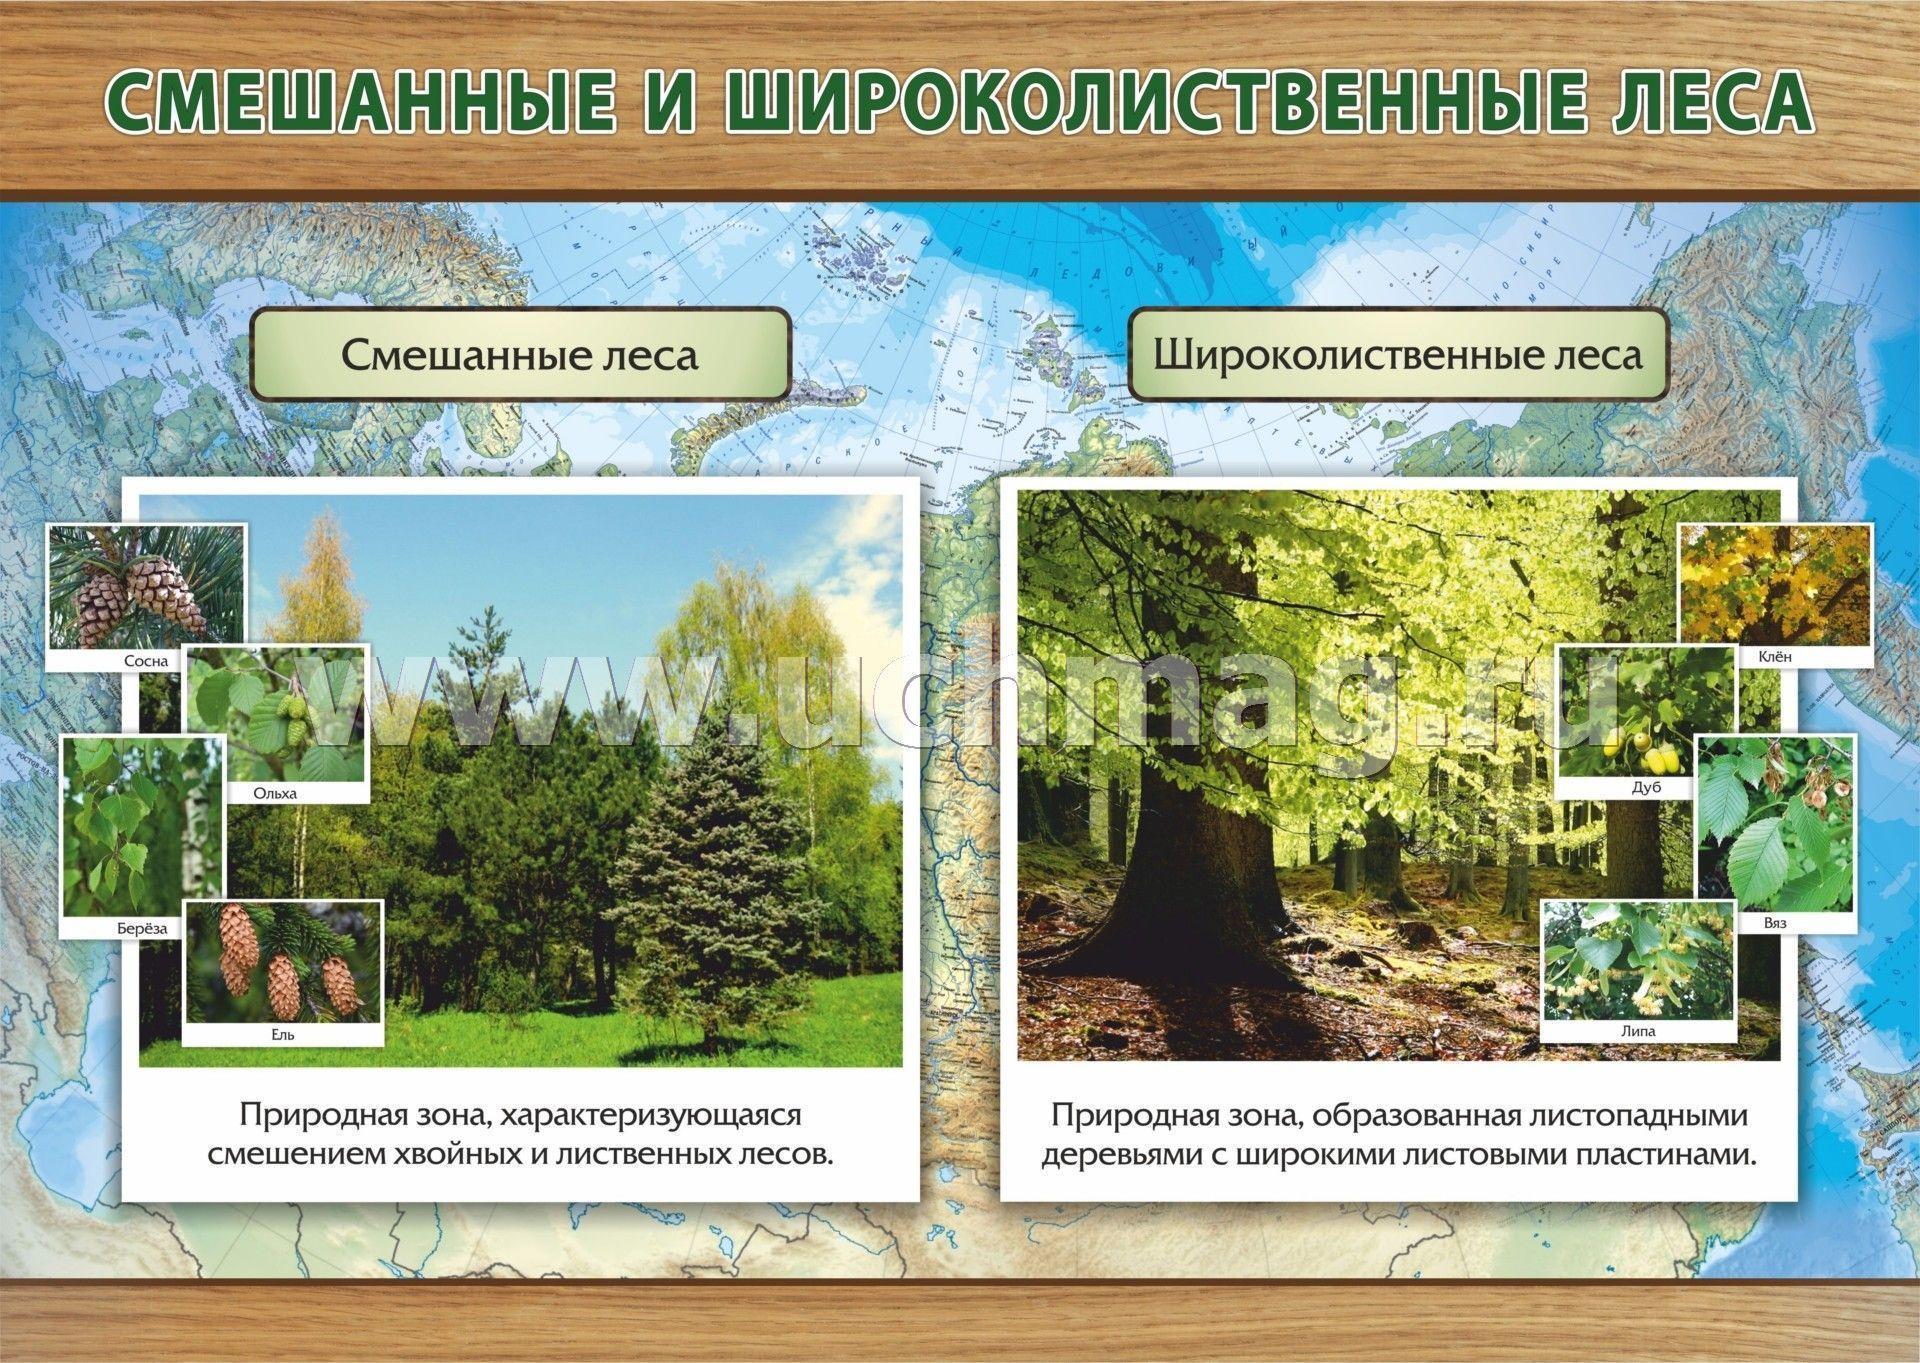 такое смешанные и широколиственные леса евразии характеристика публикацией